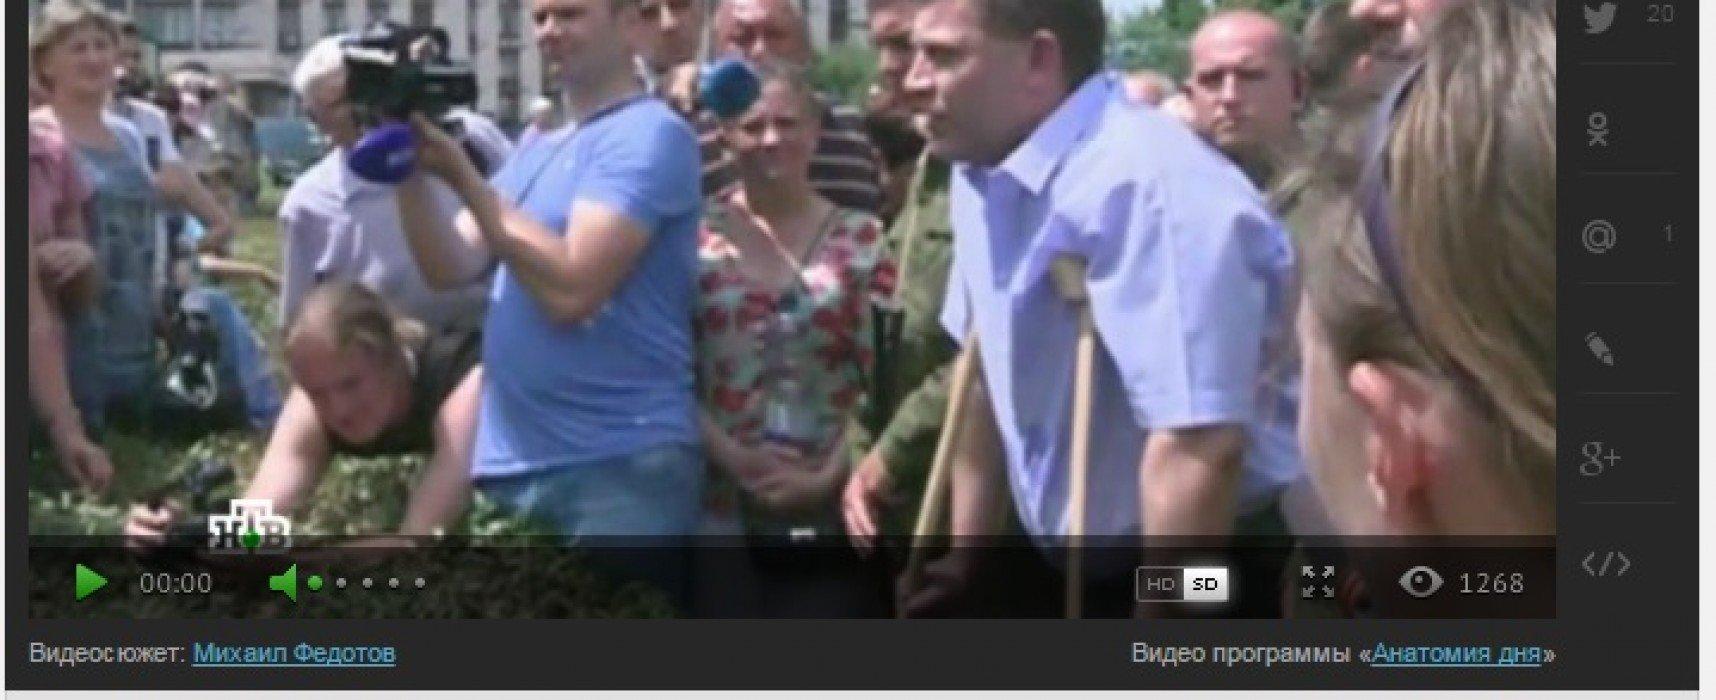 Mijloacele de informare în masă ruse au denaturat scopul mitingului desfăşurat la Doneţk pe data de 15 iunie